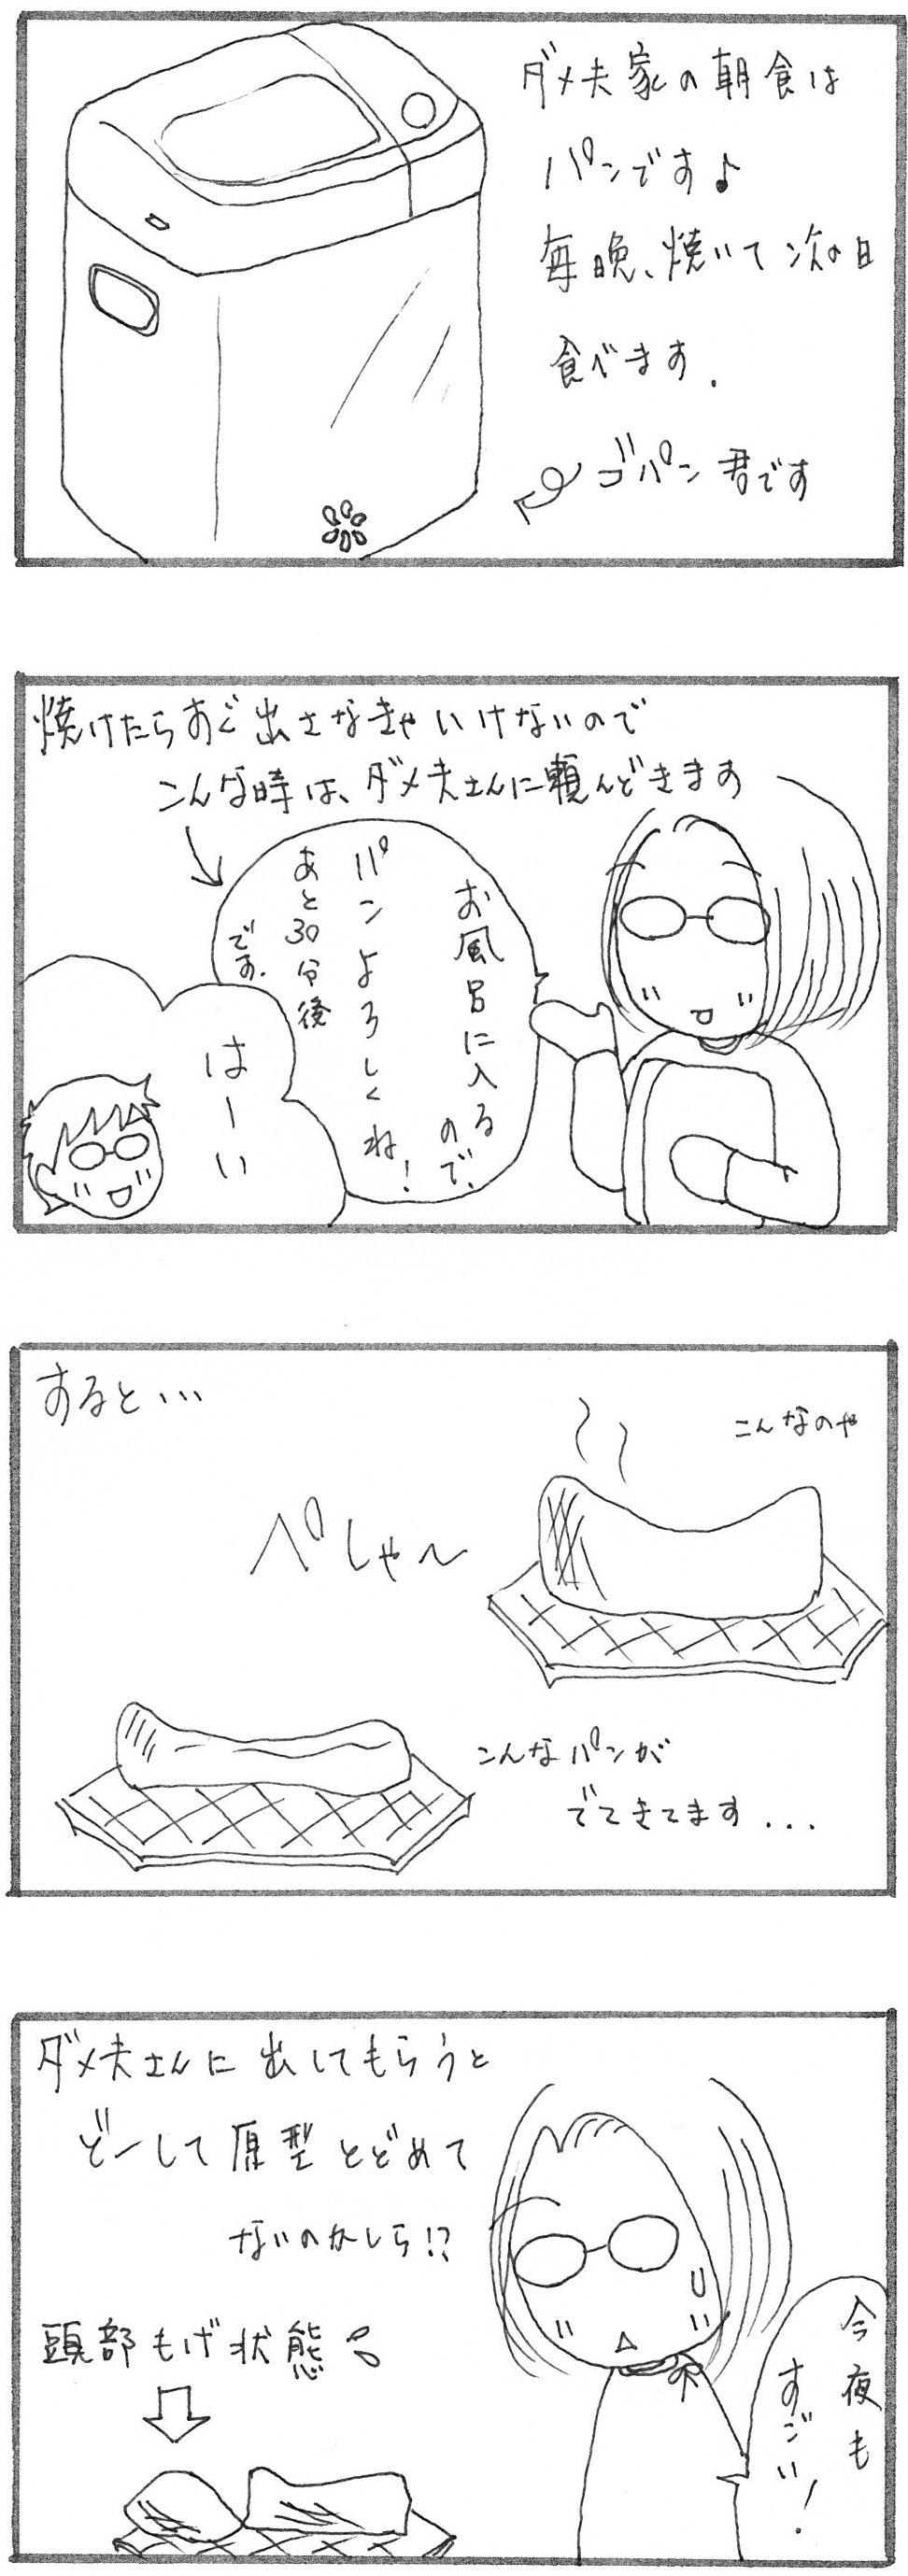 つぶれたパン